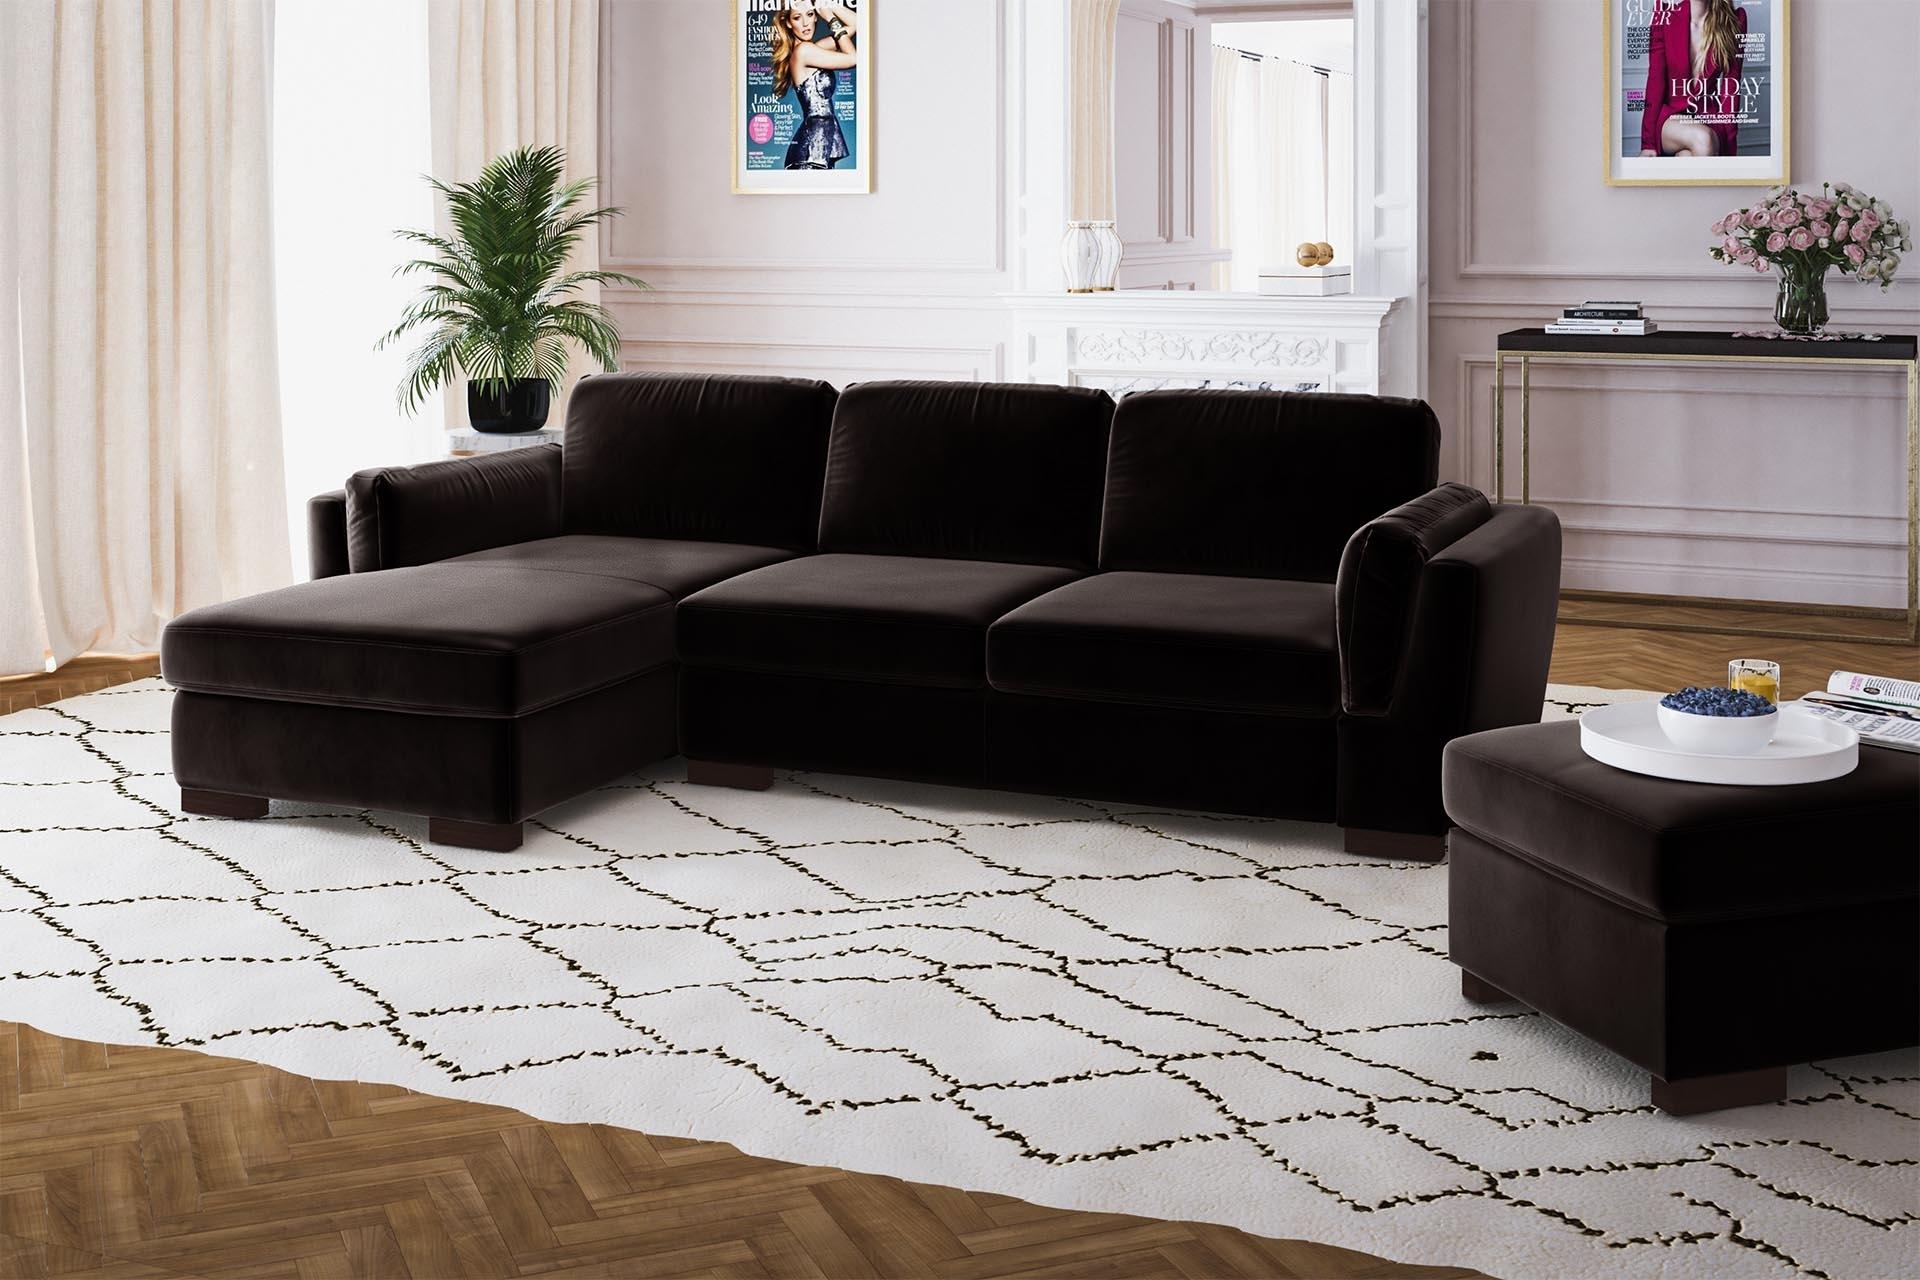 Canapé d'angle gauche 4 places en velours marron